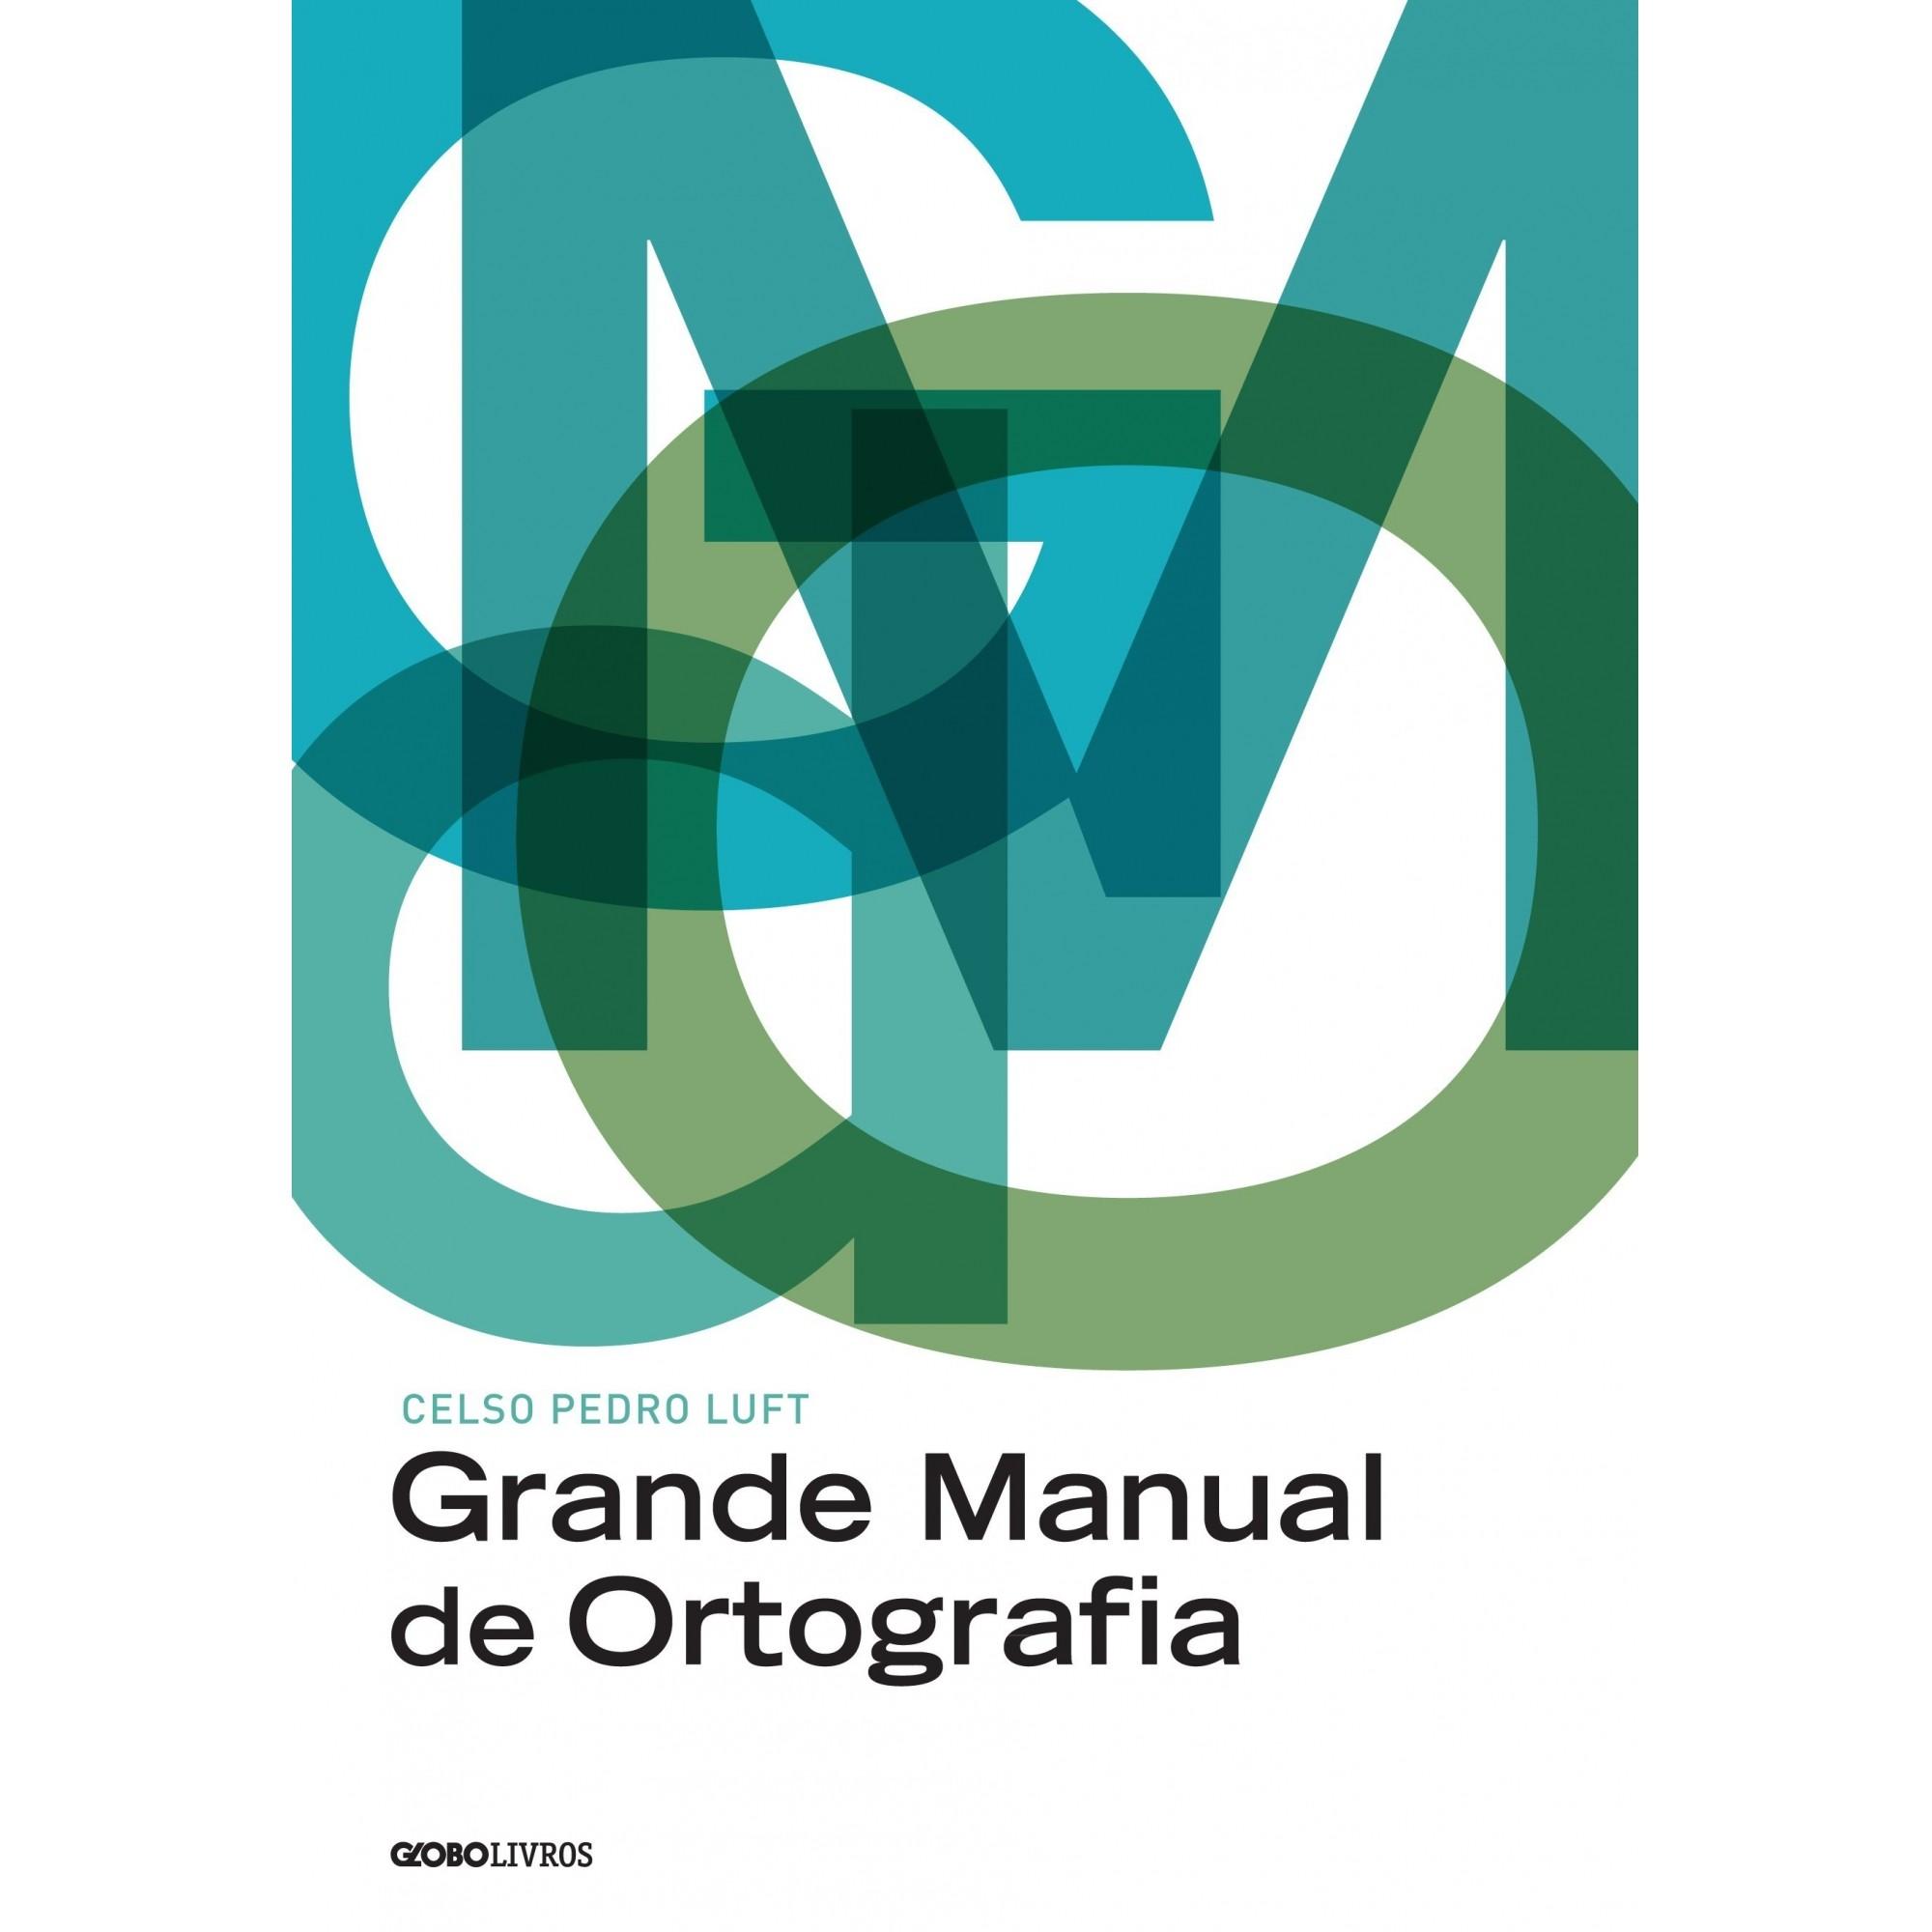 Grande Manual de Ortografia: Edicao Reorganizada, Revista e Atualizada com a Nova Ortografia